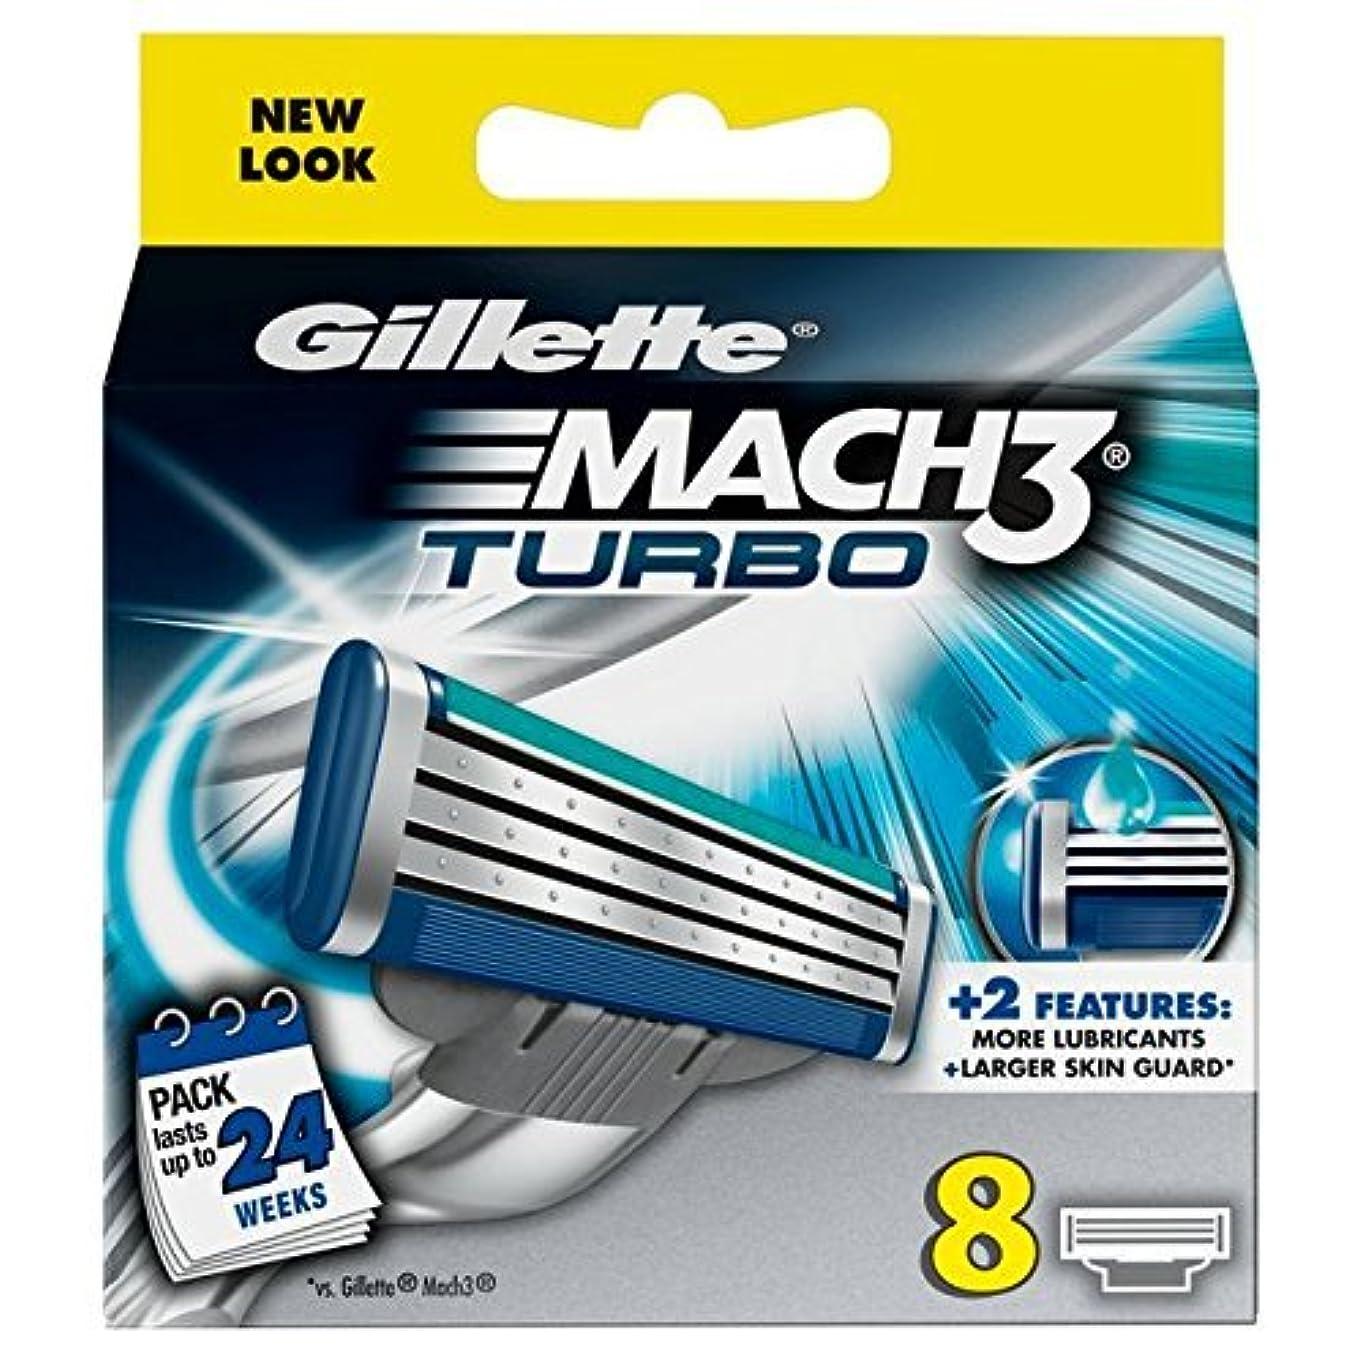 家禽動物ヘルパージレット マッハ 3 ターボ 替刃8個入 Gillette Mach 3 Turbo [並行輸入品]